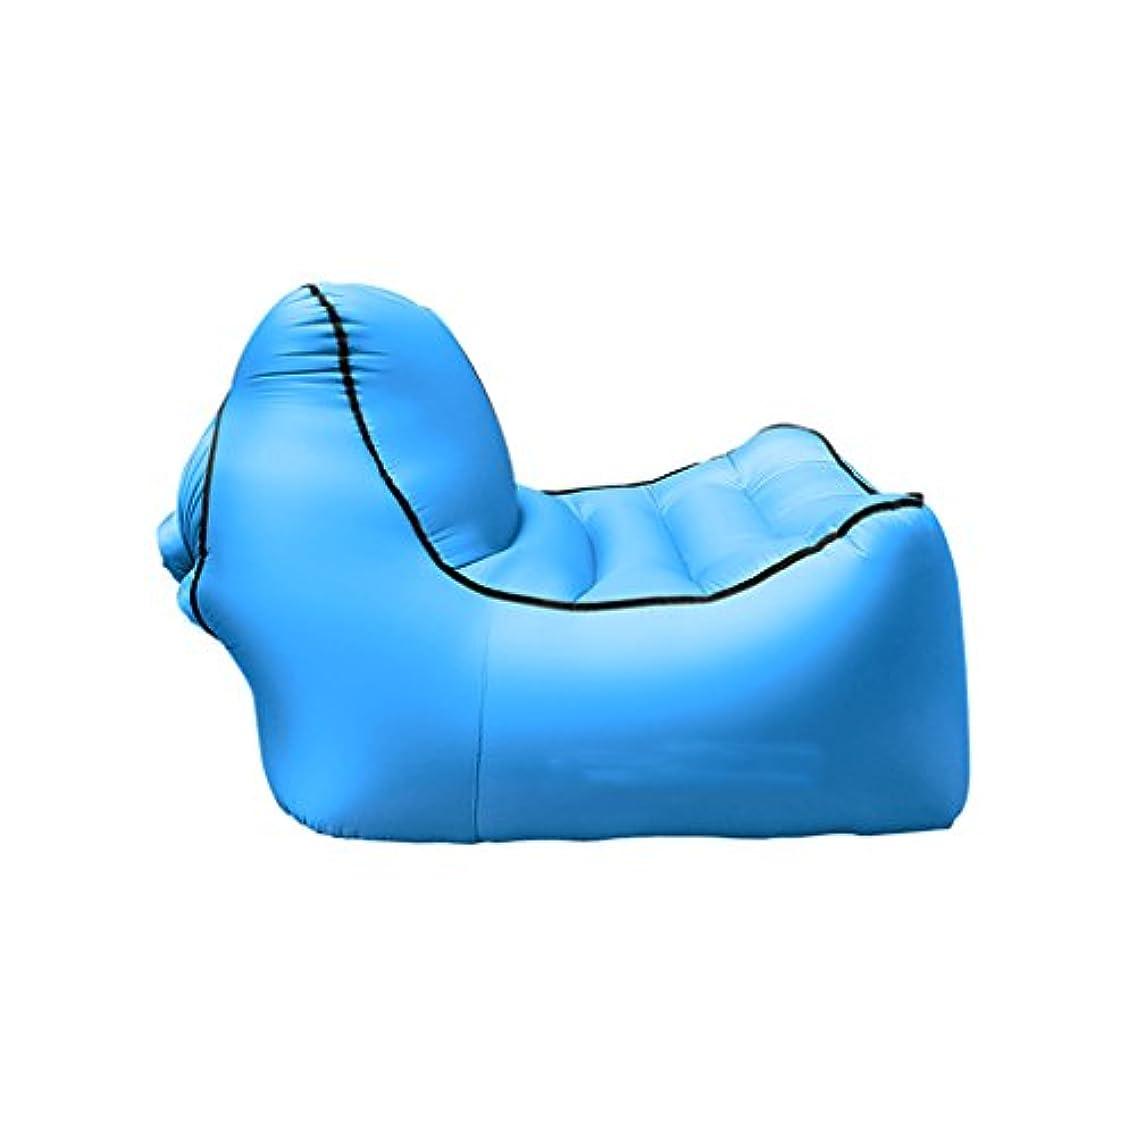 ハードウェア来て人事ソファー、怠惰なエアーソファインフレータブル屋外ポータブル折り畳み式椅子 (色 : 7)